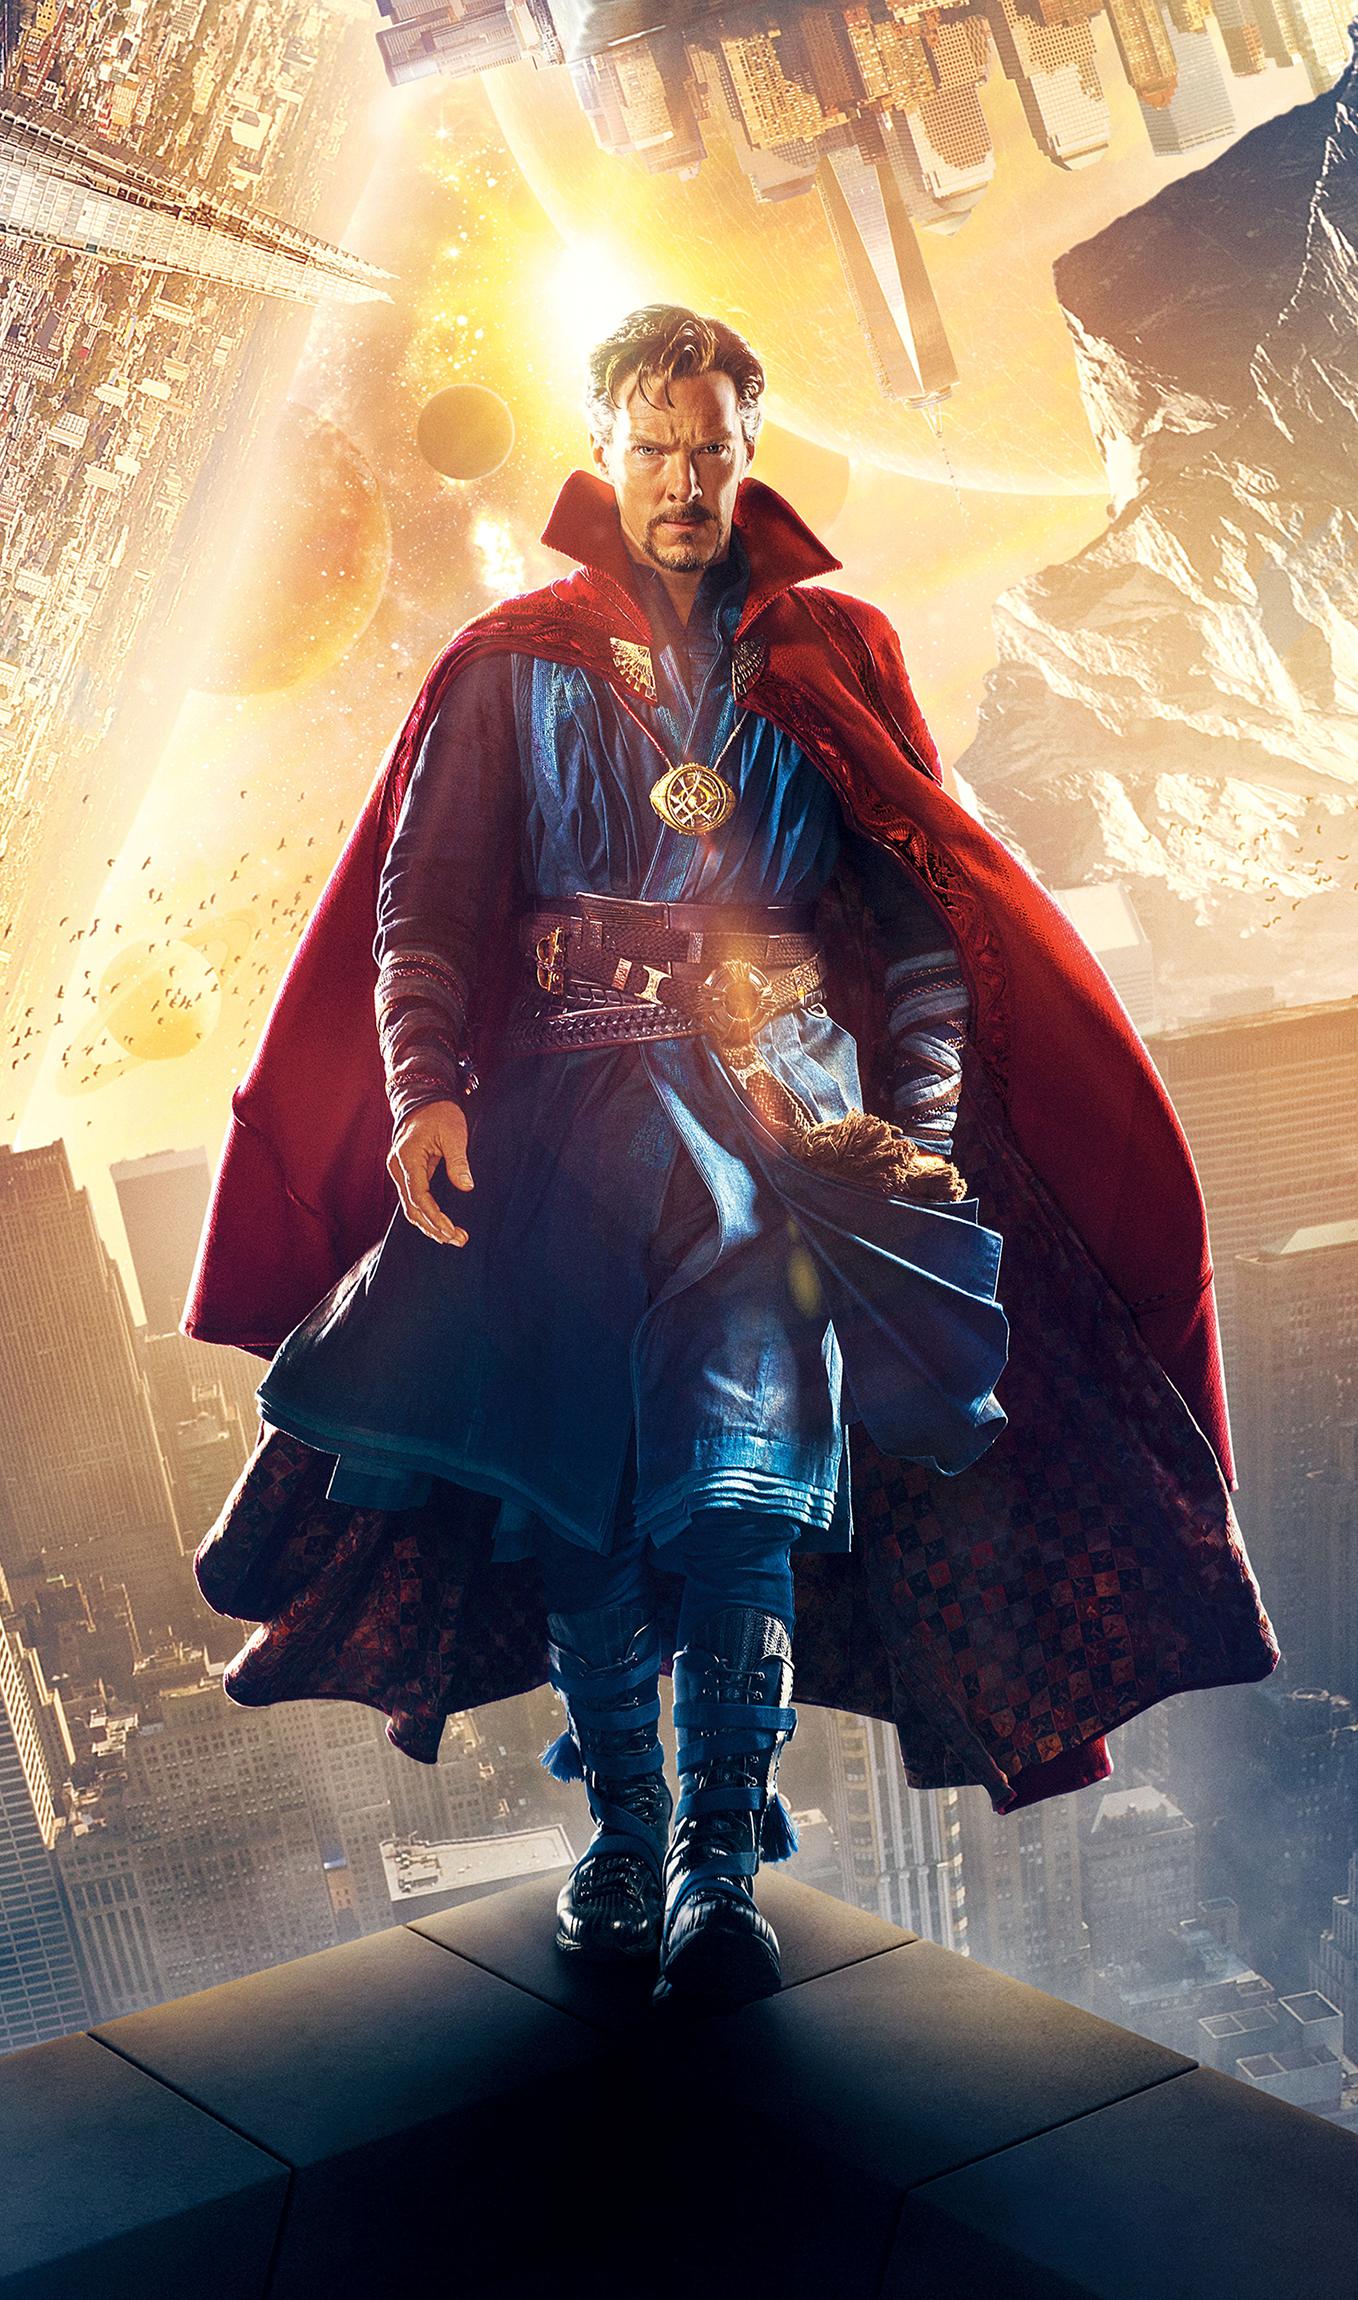 Image Doctor Strange Png Marvel Movies Fandom